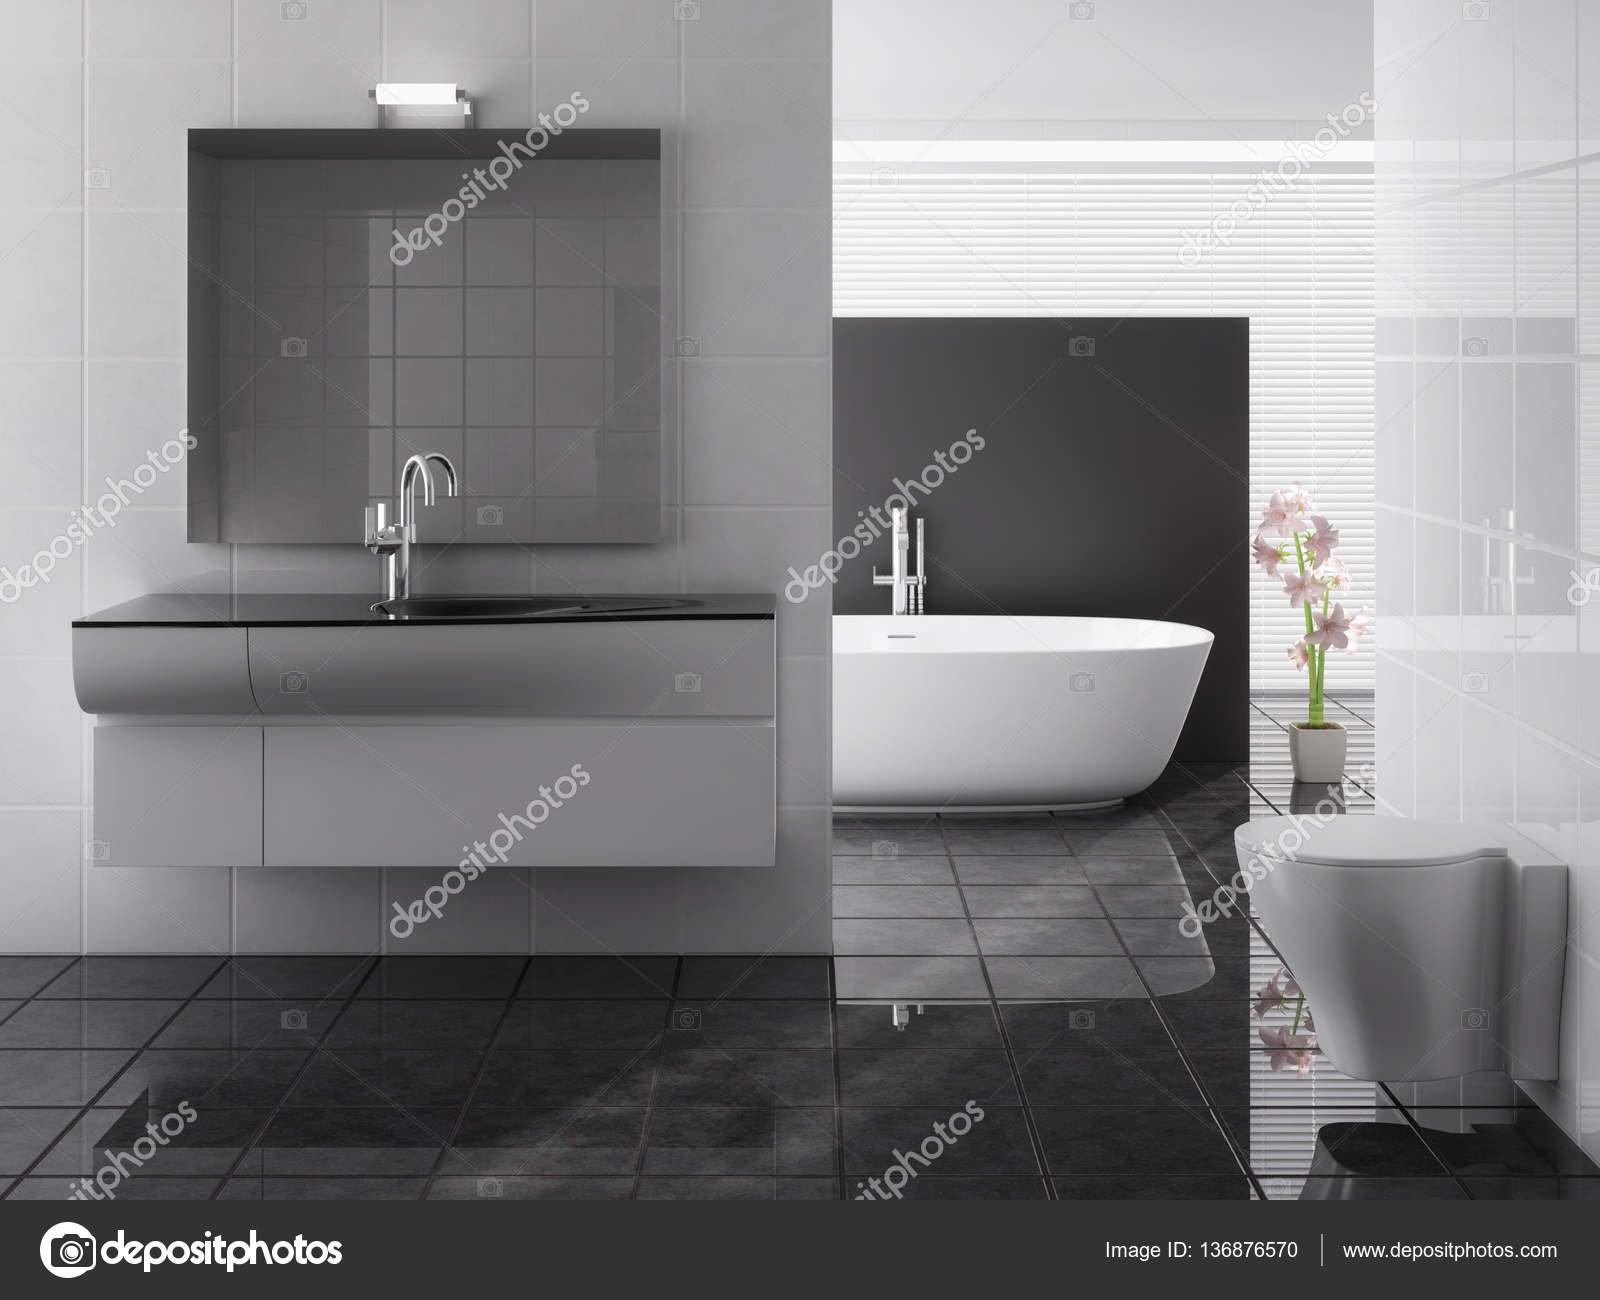 Bagno moderno completo di vasca e lavandino u foto stock